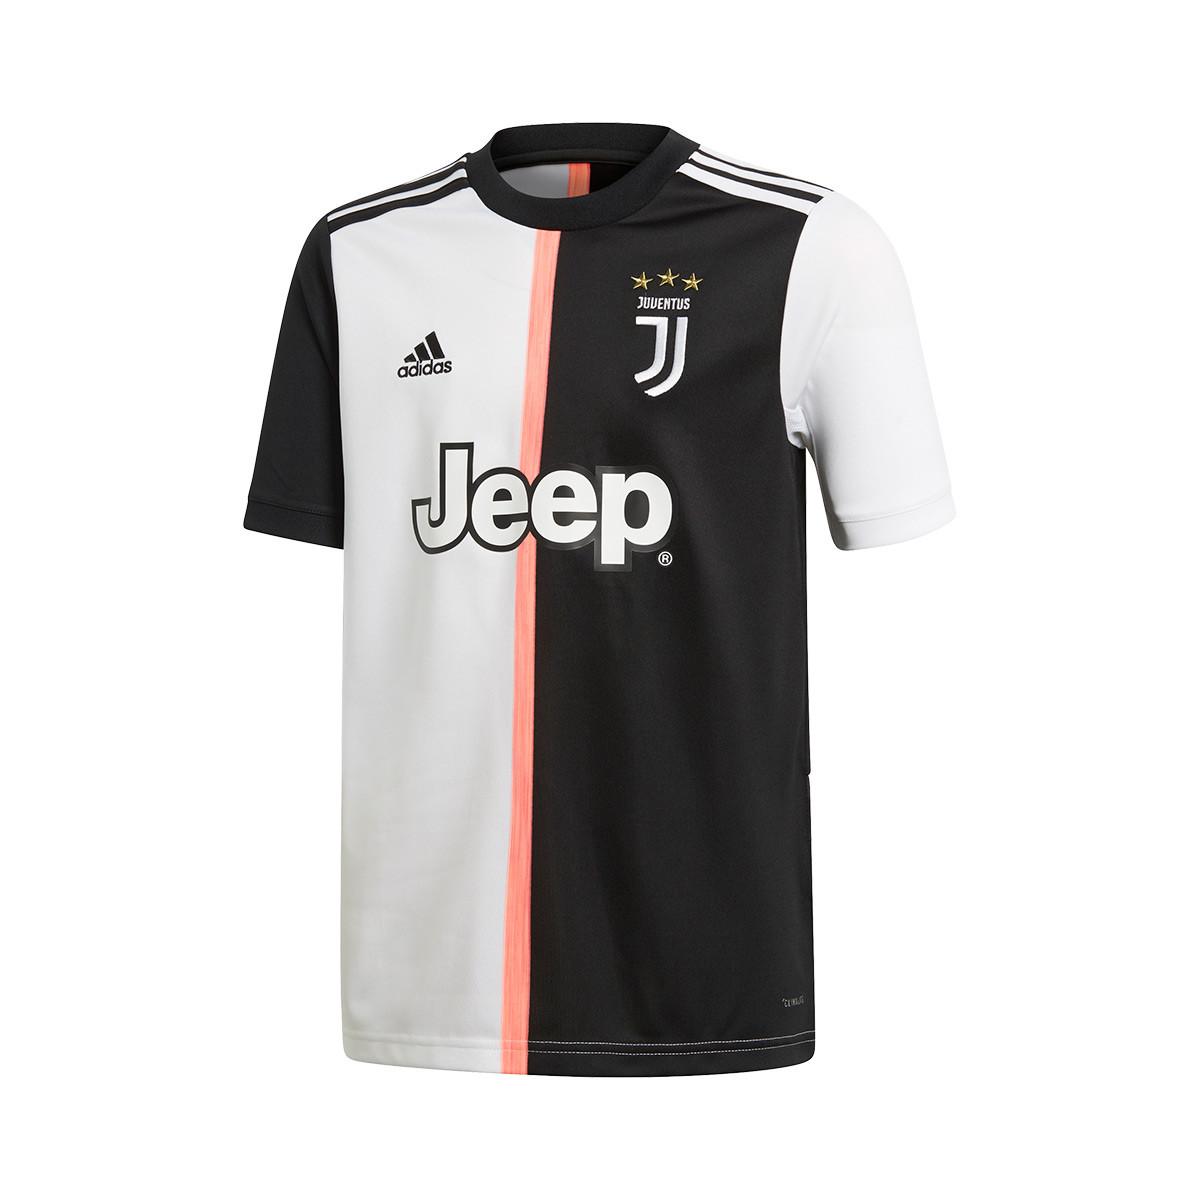 928a20c22e1e8 Adidas Juventus dres detský (2019-2020), domáci + vlastné meno a číslo